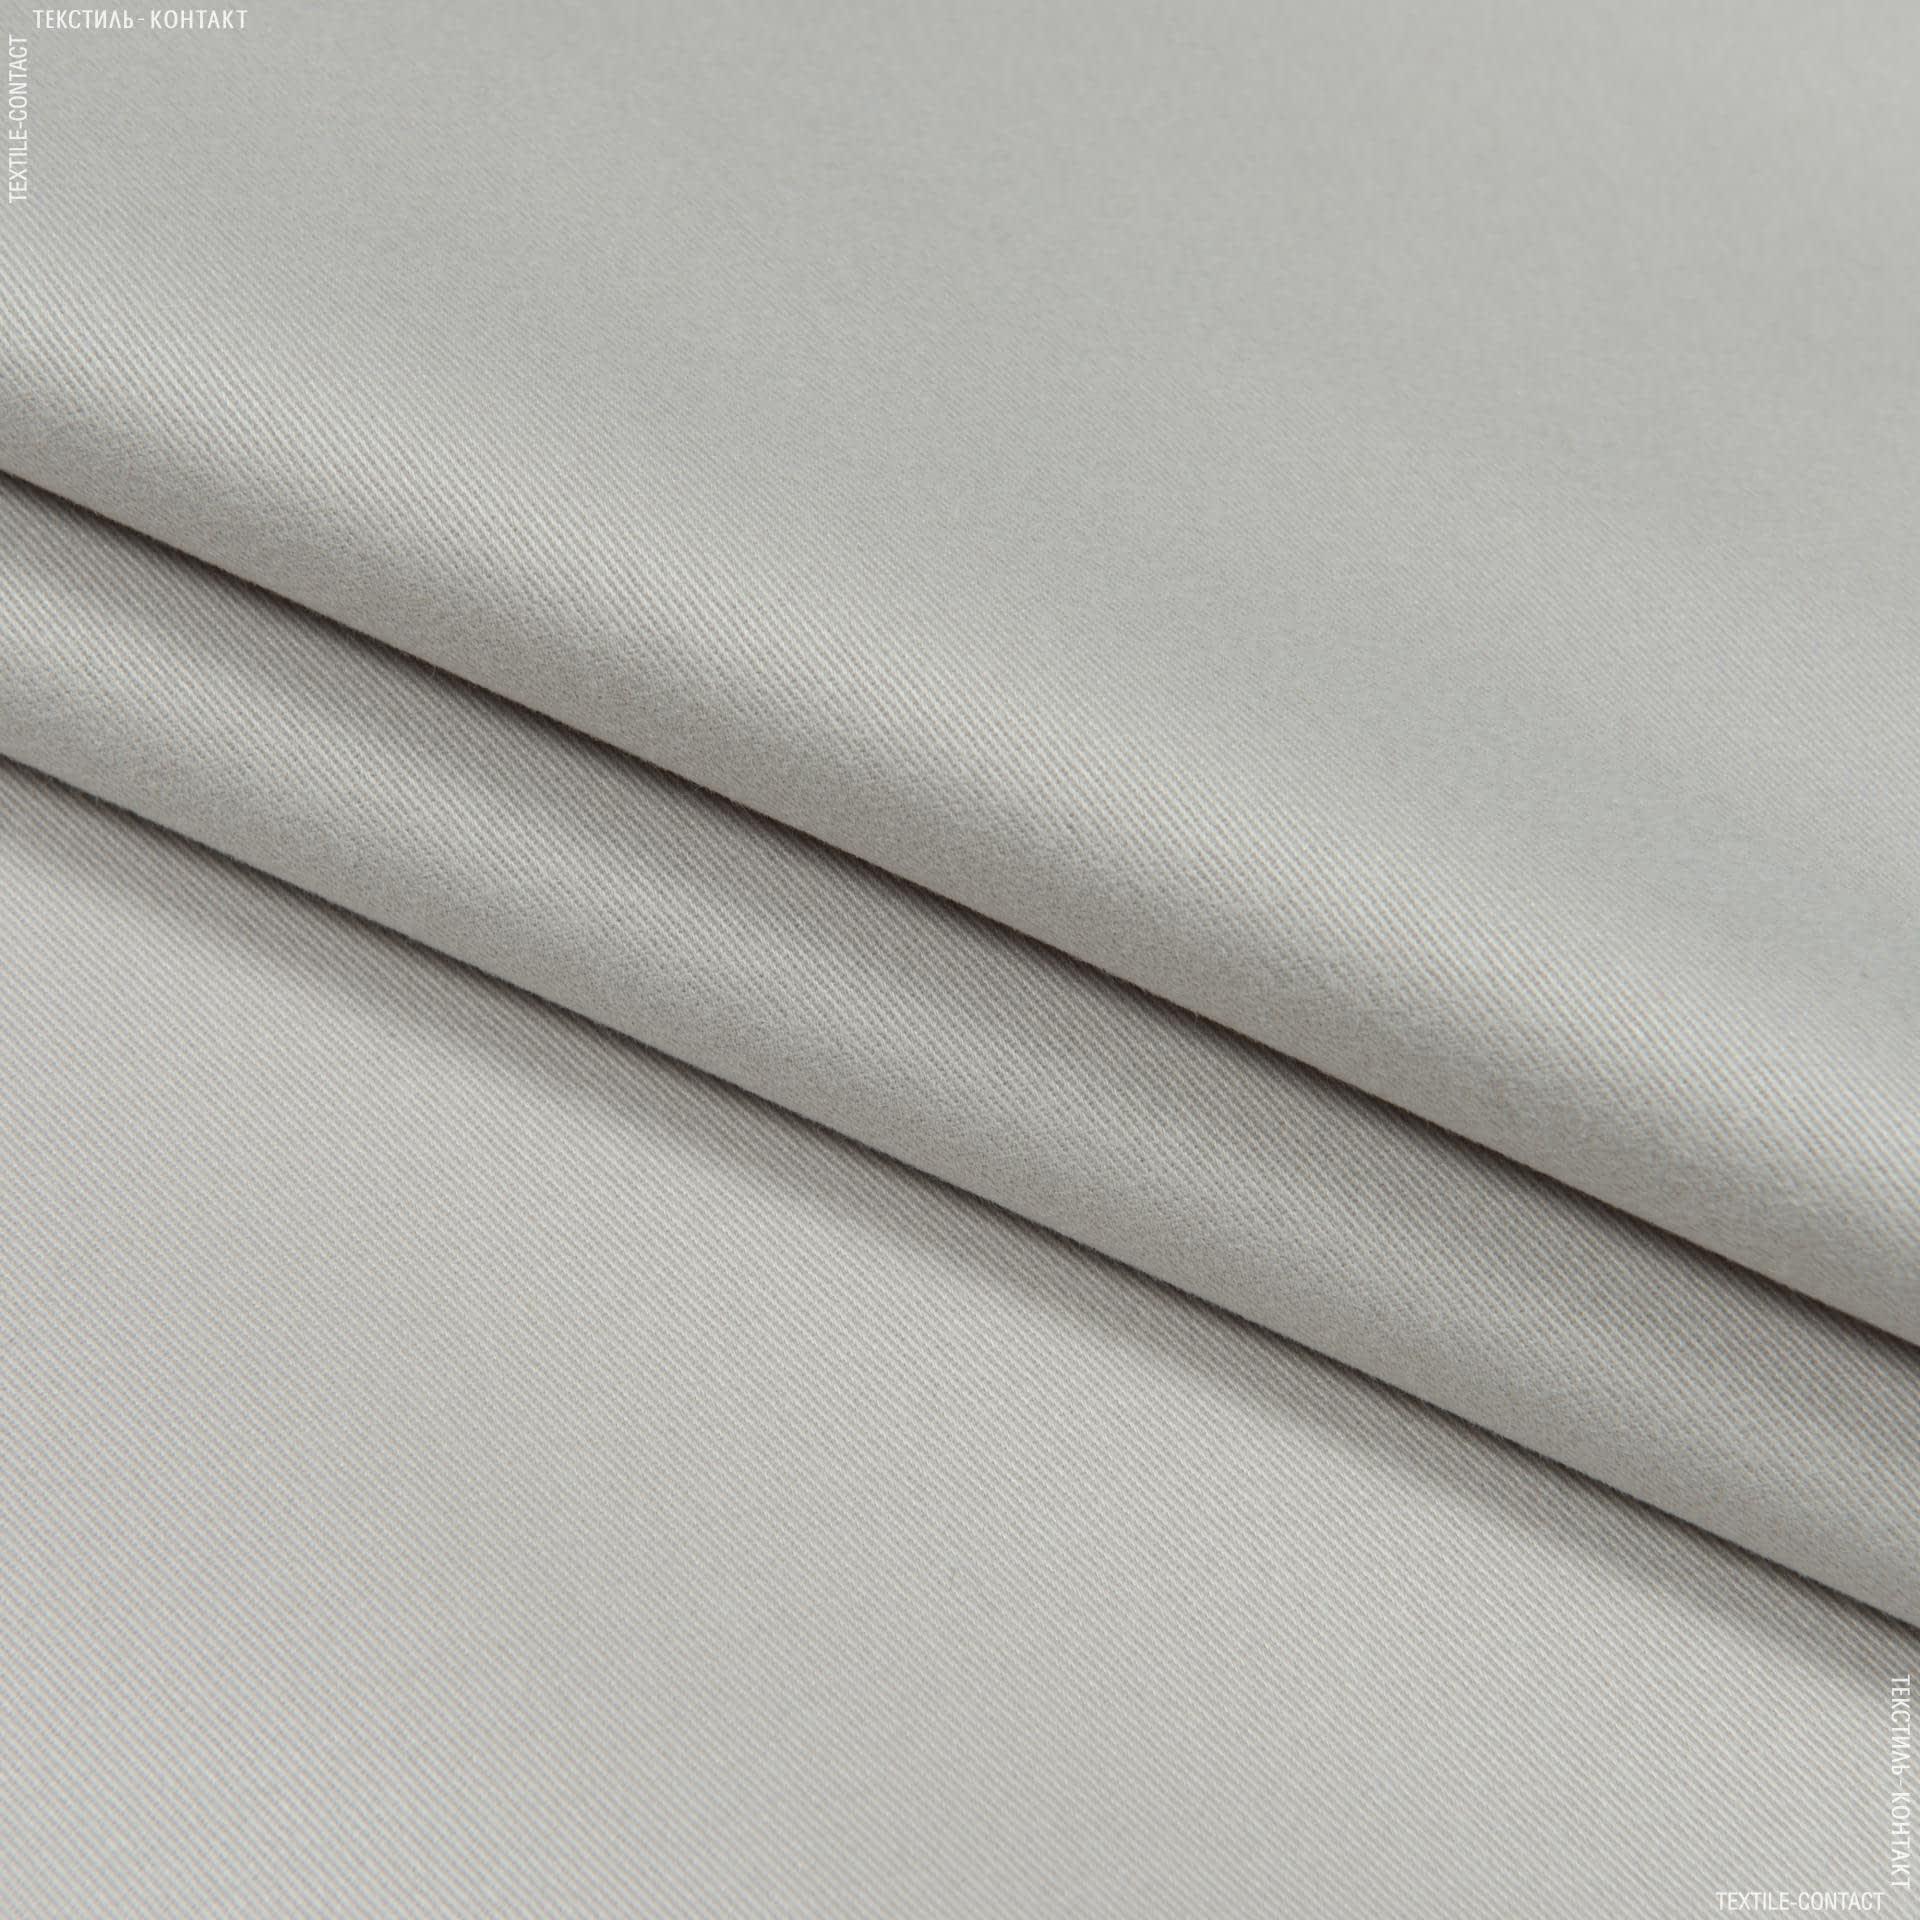 Тканини для банкетних і фуршетніх спідниць - Декоративний сатин гандія/gandia св.сірий